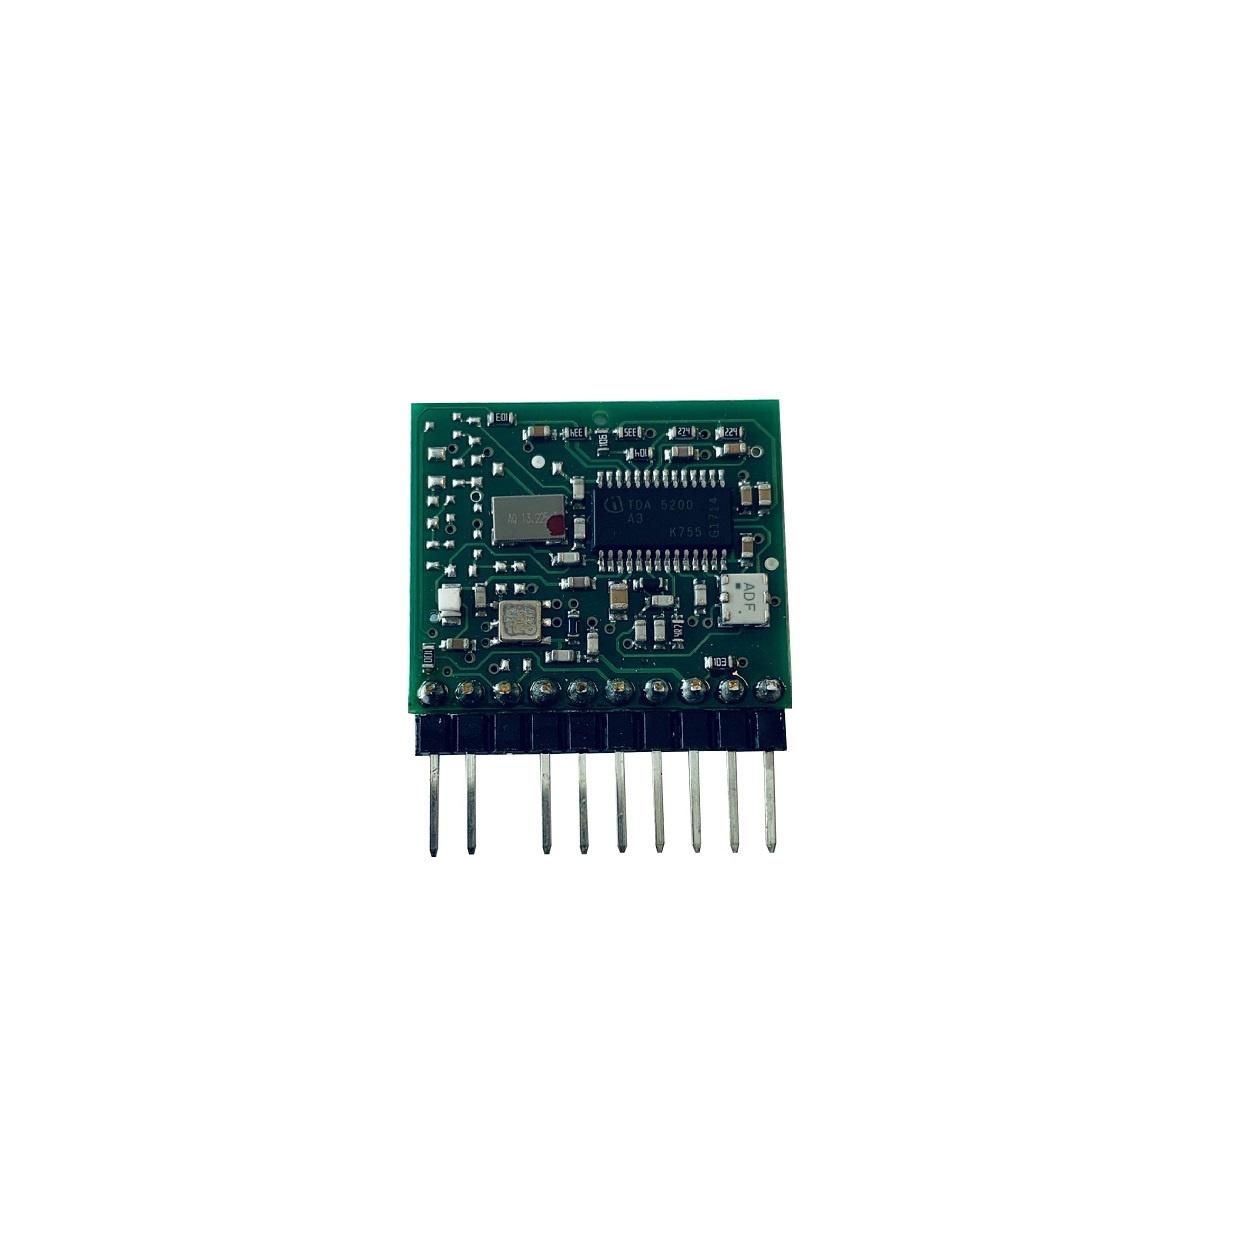 Tedsen Ontvangerprint EKXR710 incl. antenne, voor MO besturingen